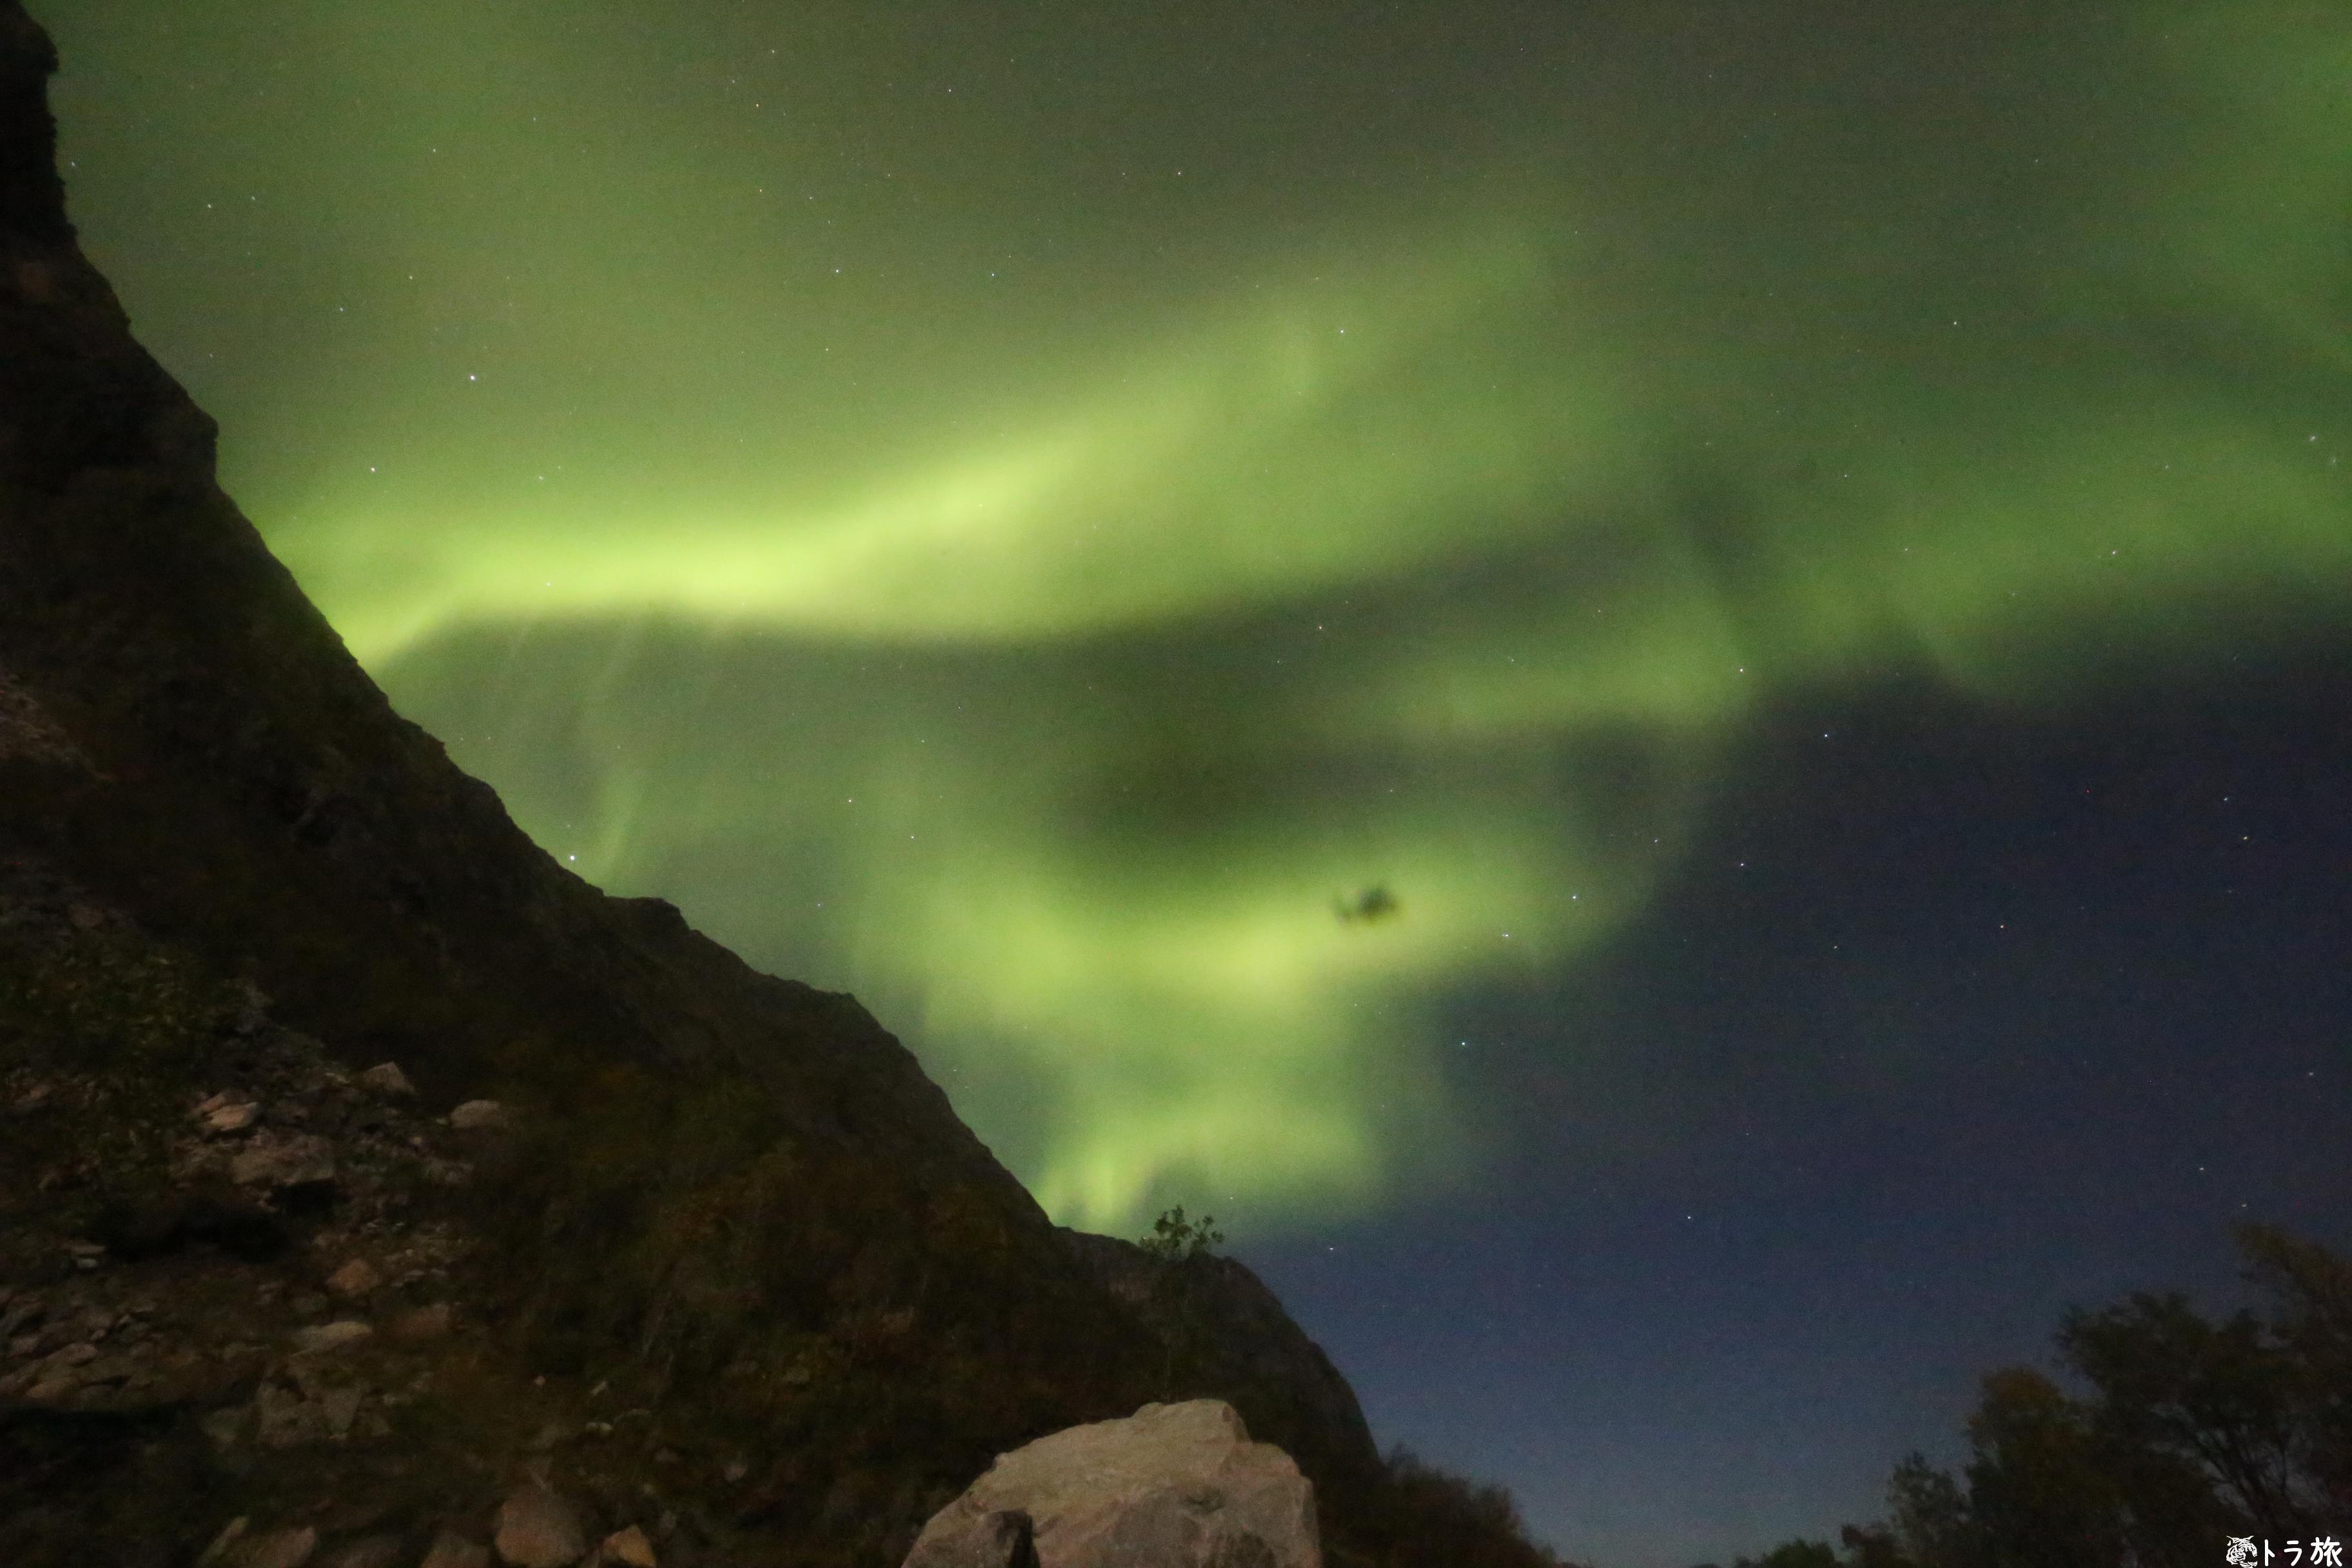 【トロムソ】雲だと思ってたらオーロラだった笑【ノルウェー】